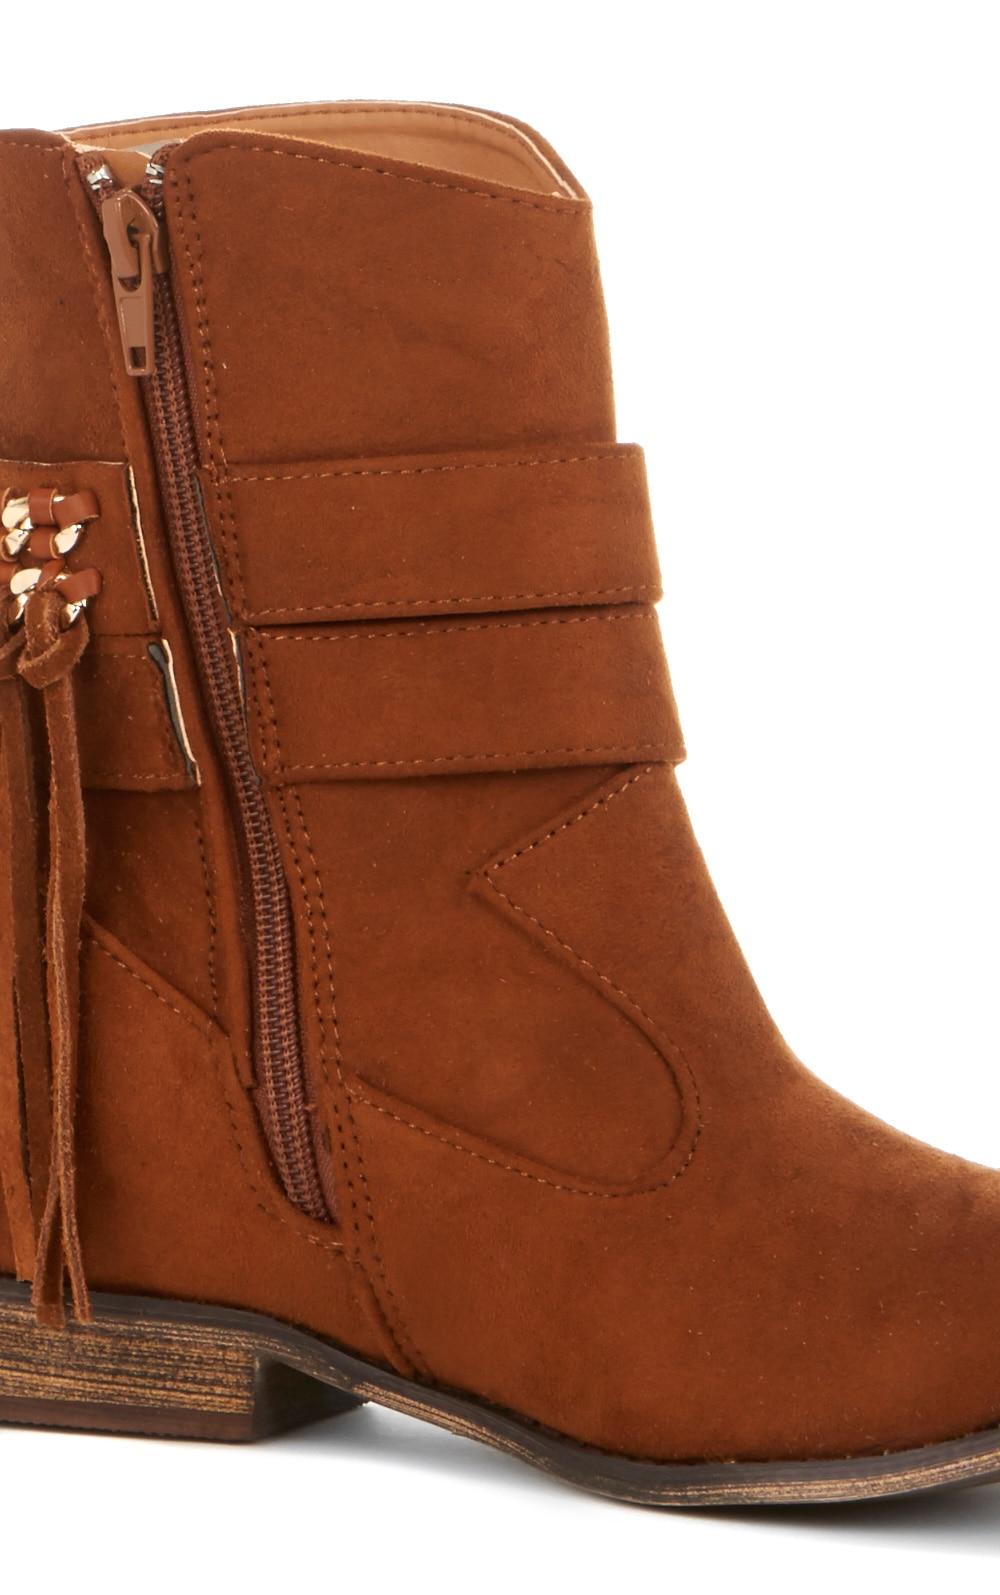 Trixie Tan Tassel Boots  3